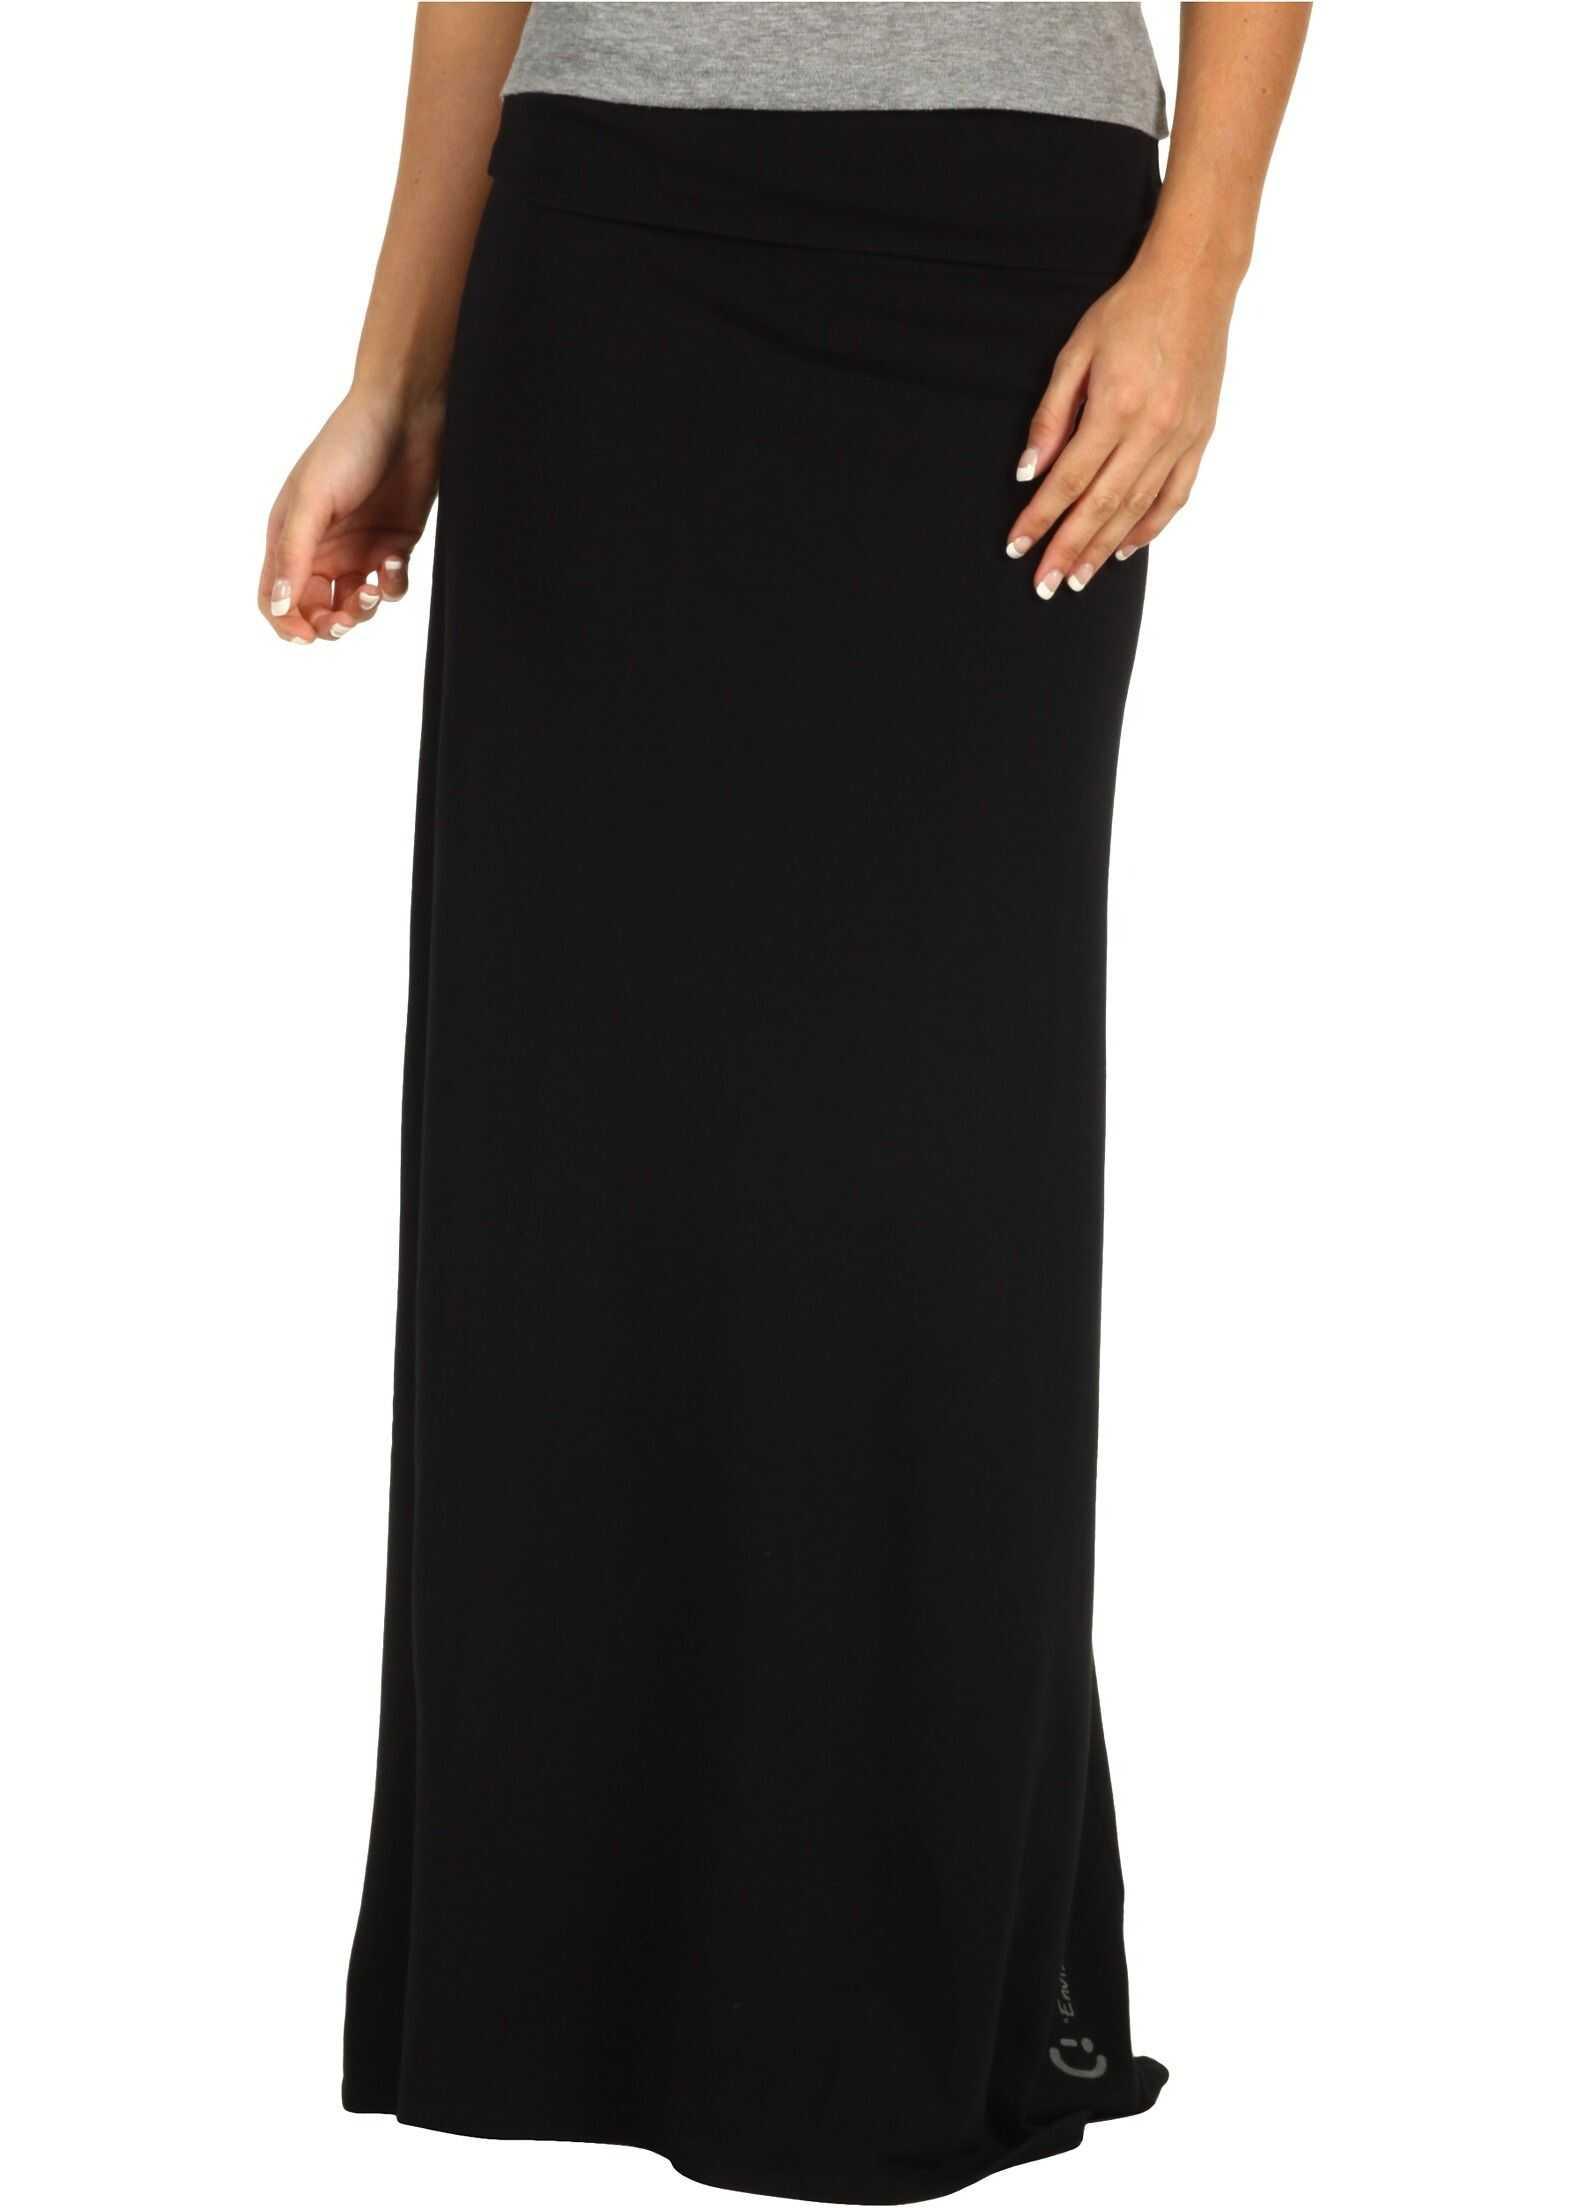 Delivering Happiness Visionary Skirt* Vintage Black